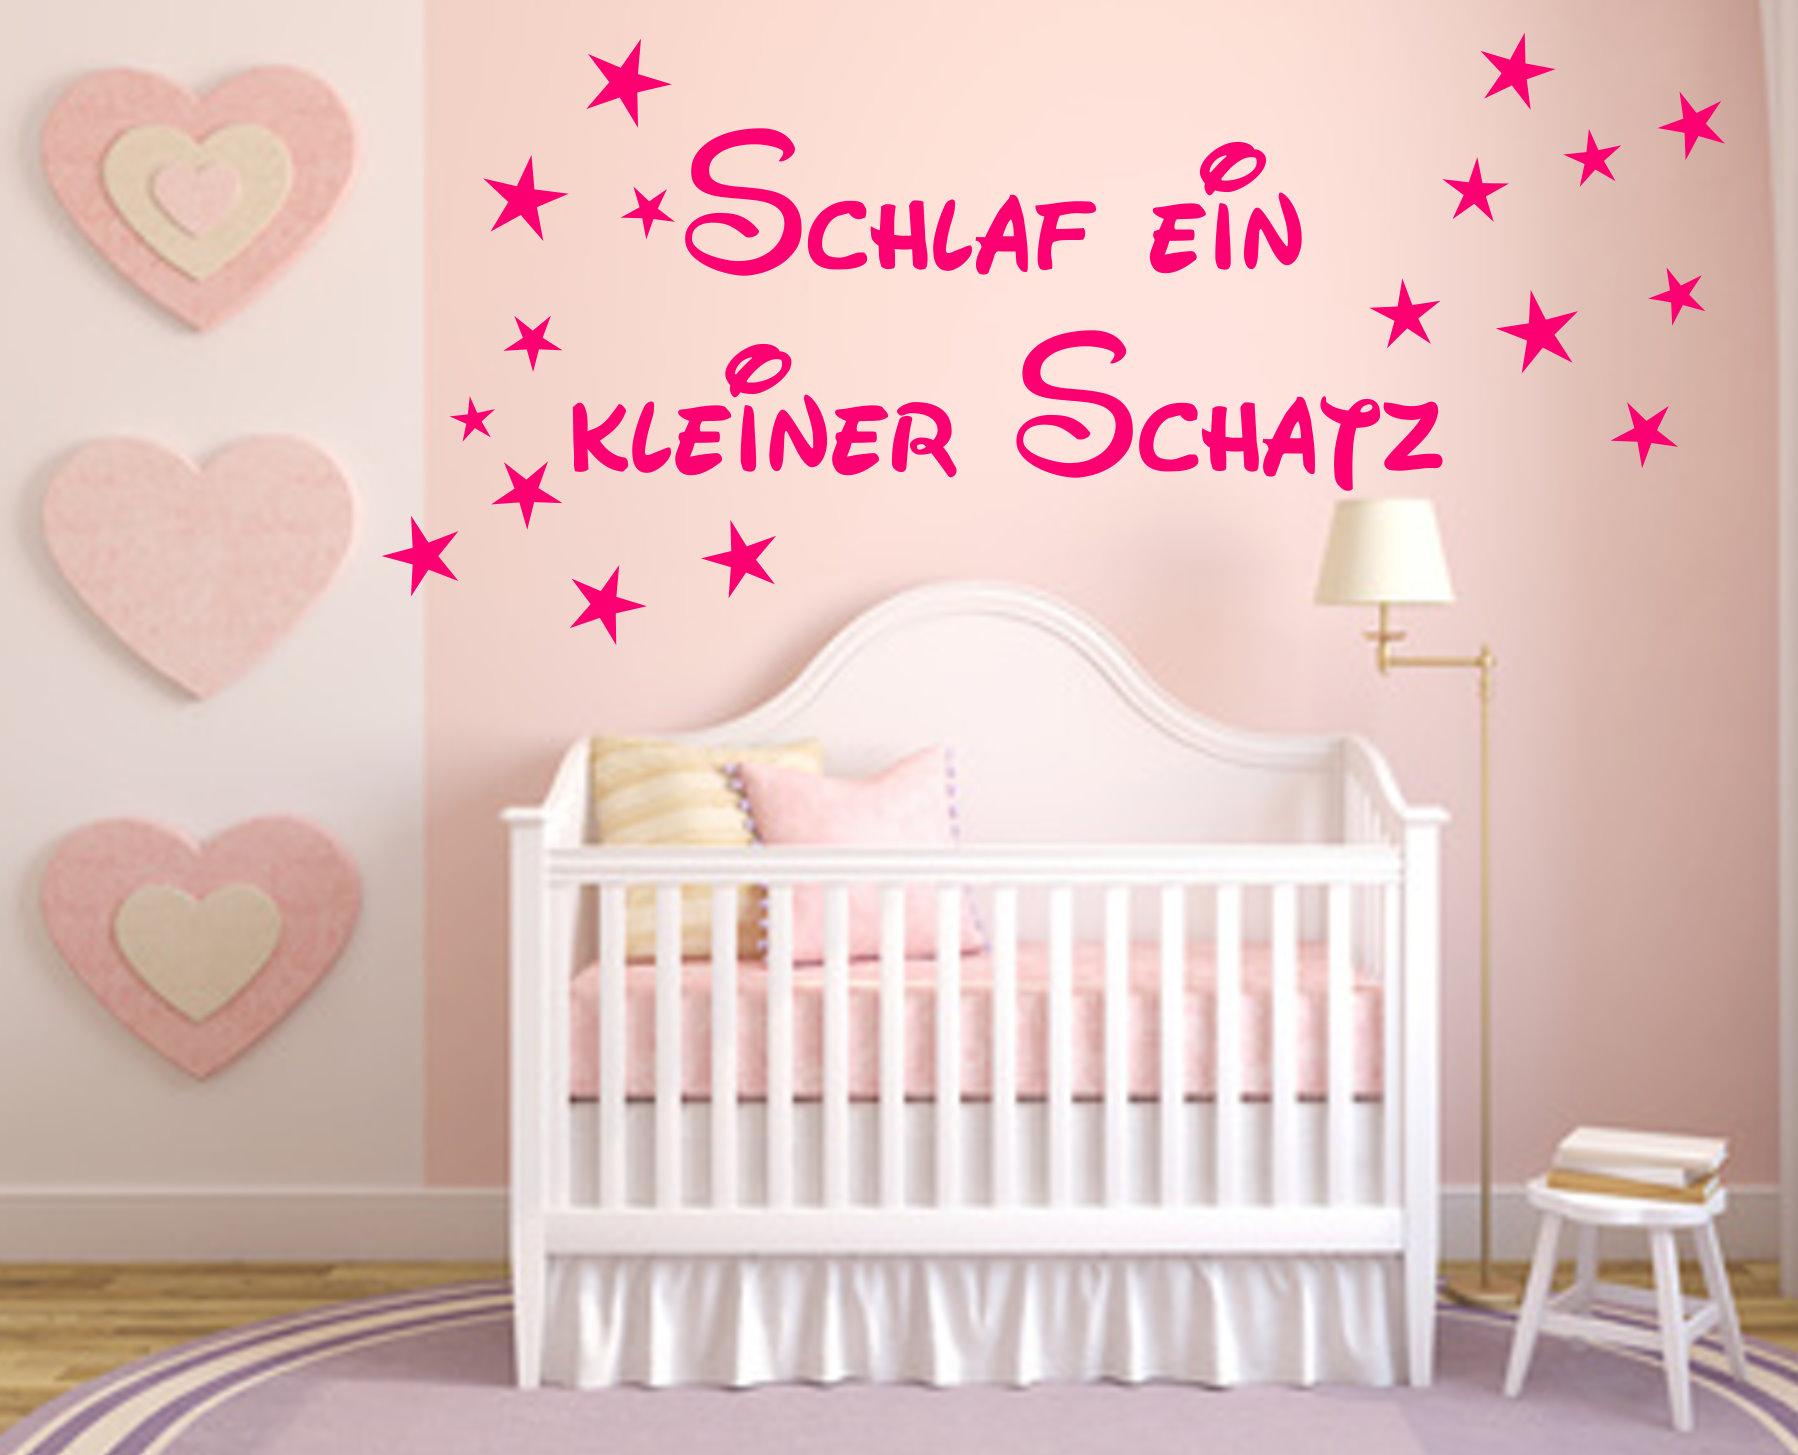 wandschoerkel.de - Kinderzimmer Wandtattoo Junge Aufkleber Lieben